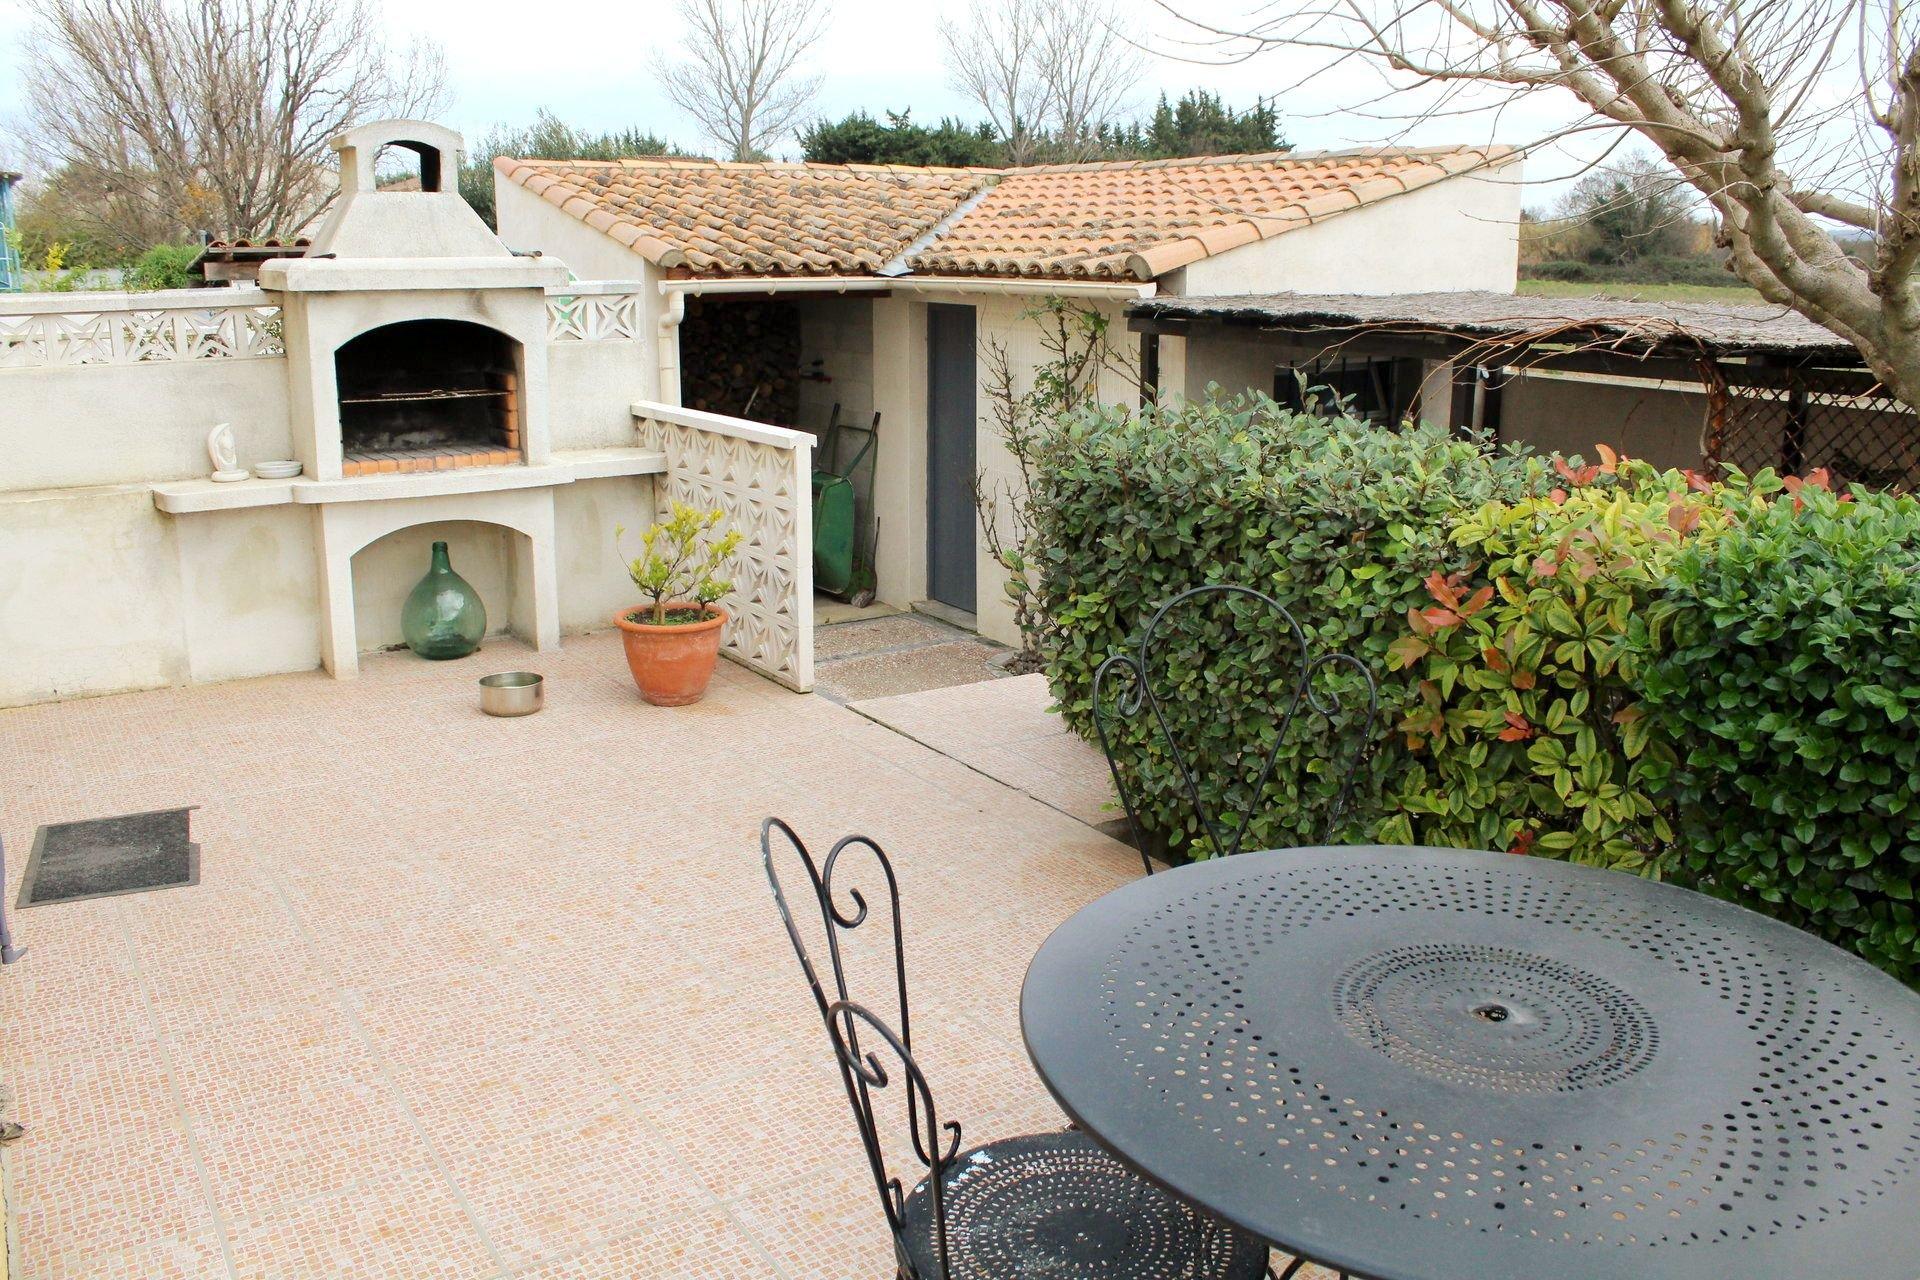 EXCLU UCHAUD - Vends Magnifique maison 90 M² - 264 000 €